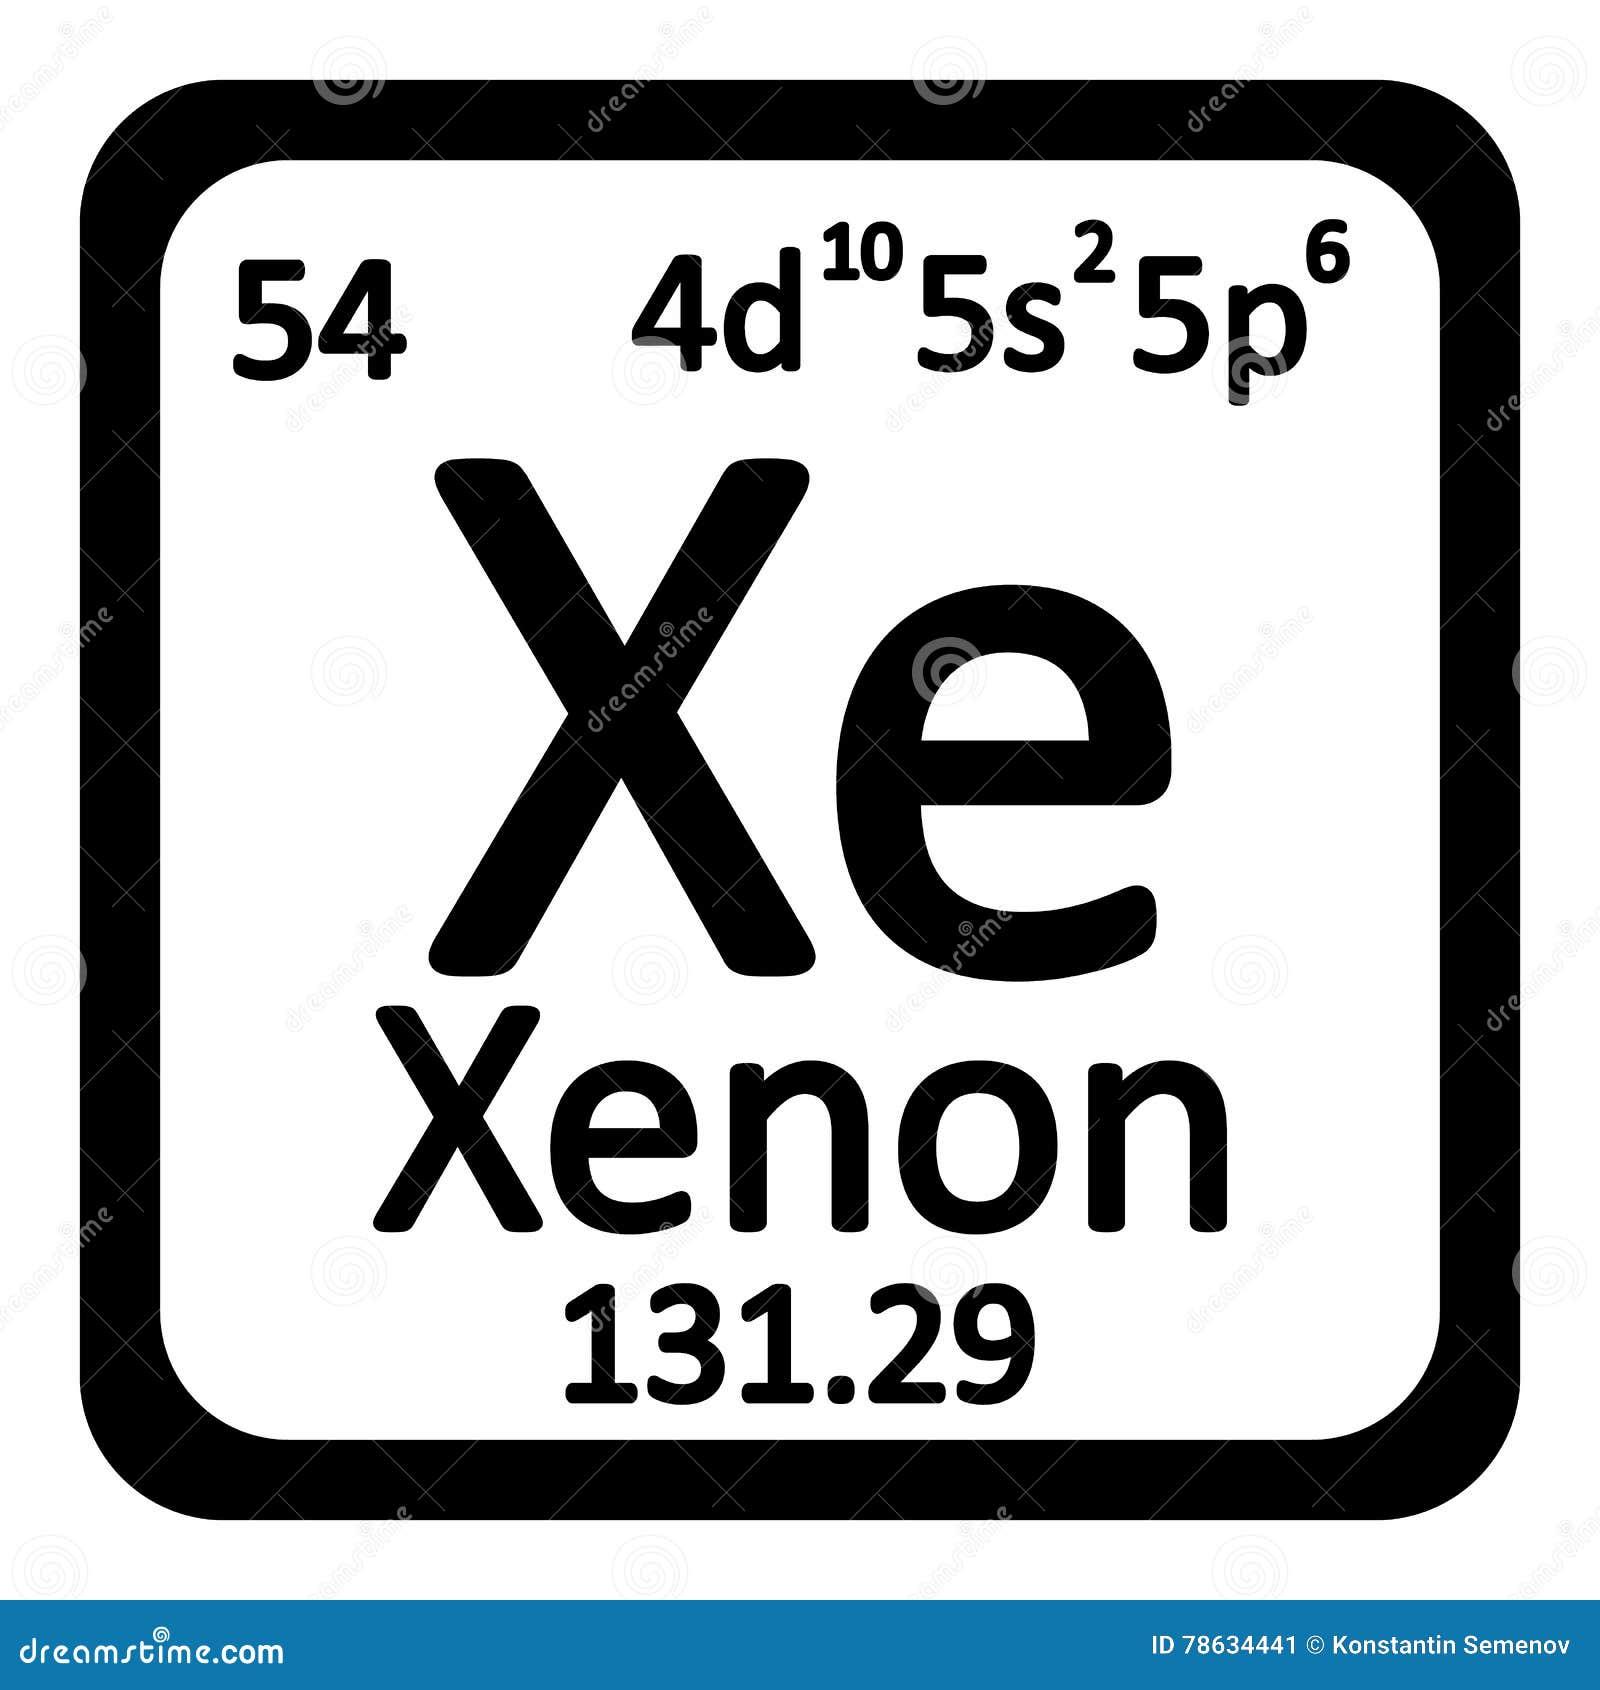 Periodic table element xenon icon stock illustration illustration download periodic table element xenon icon stock illustration illustration of material odorless urtaz Choice Image